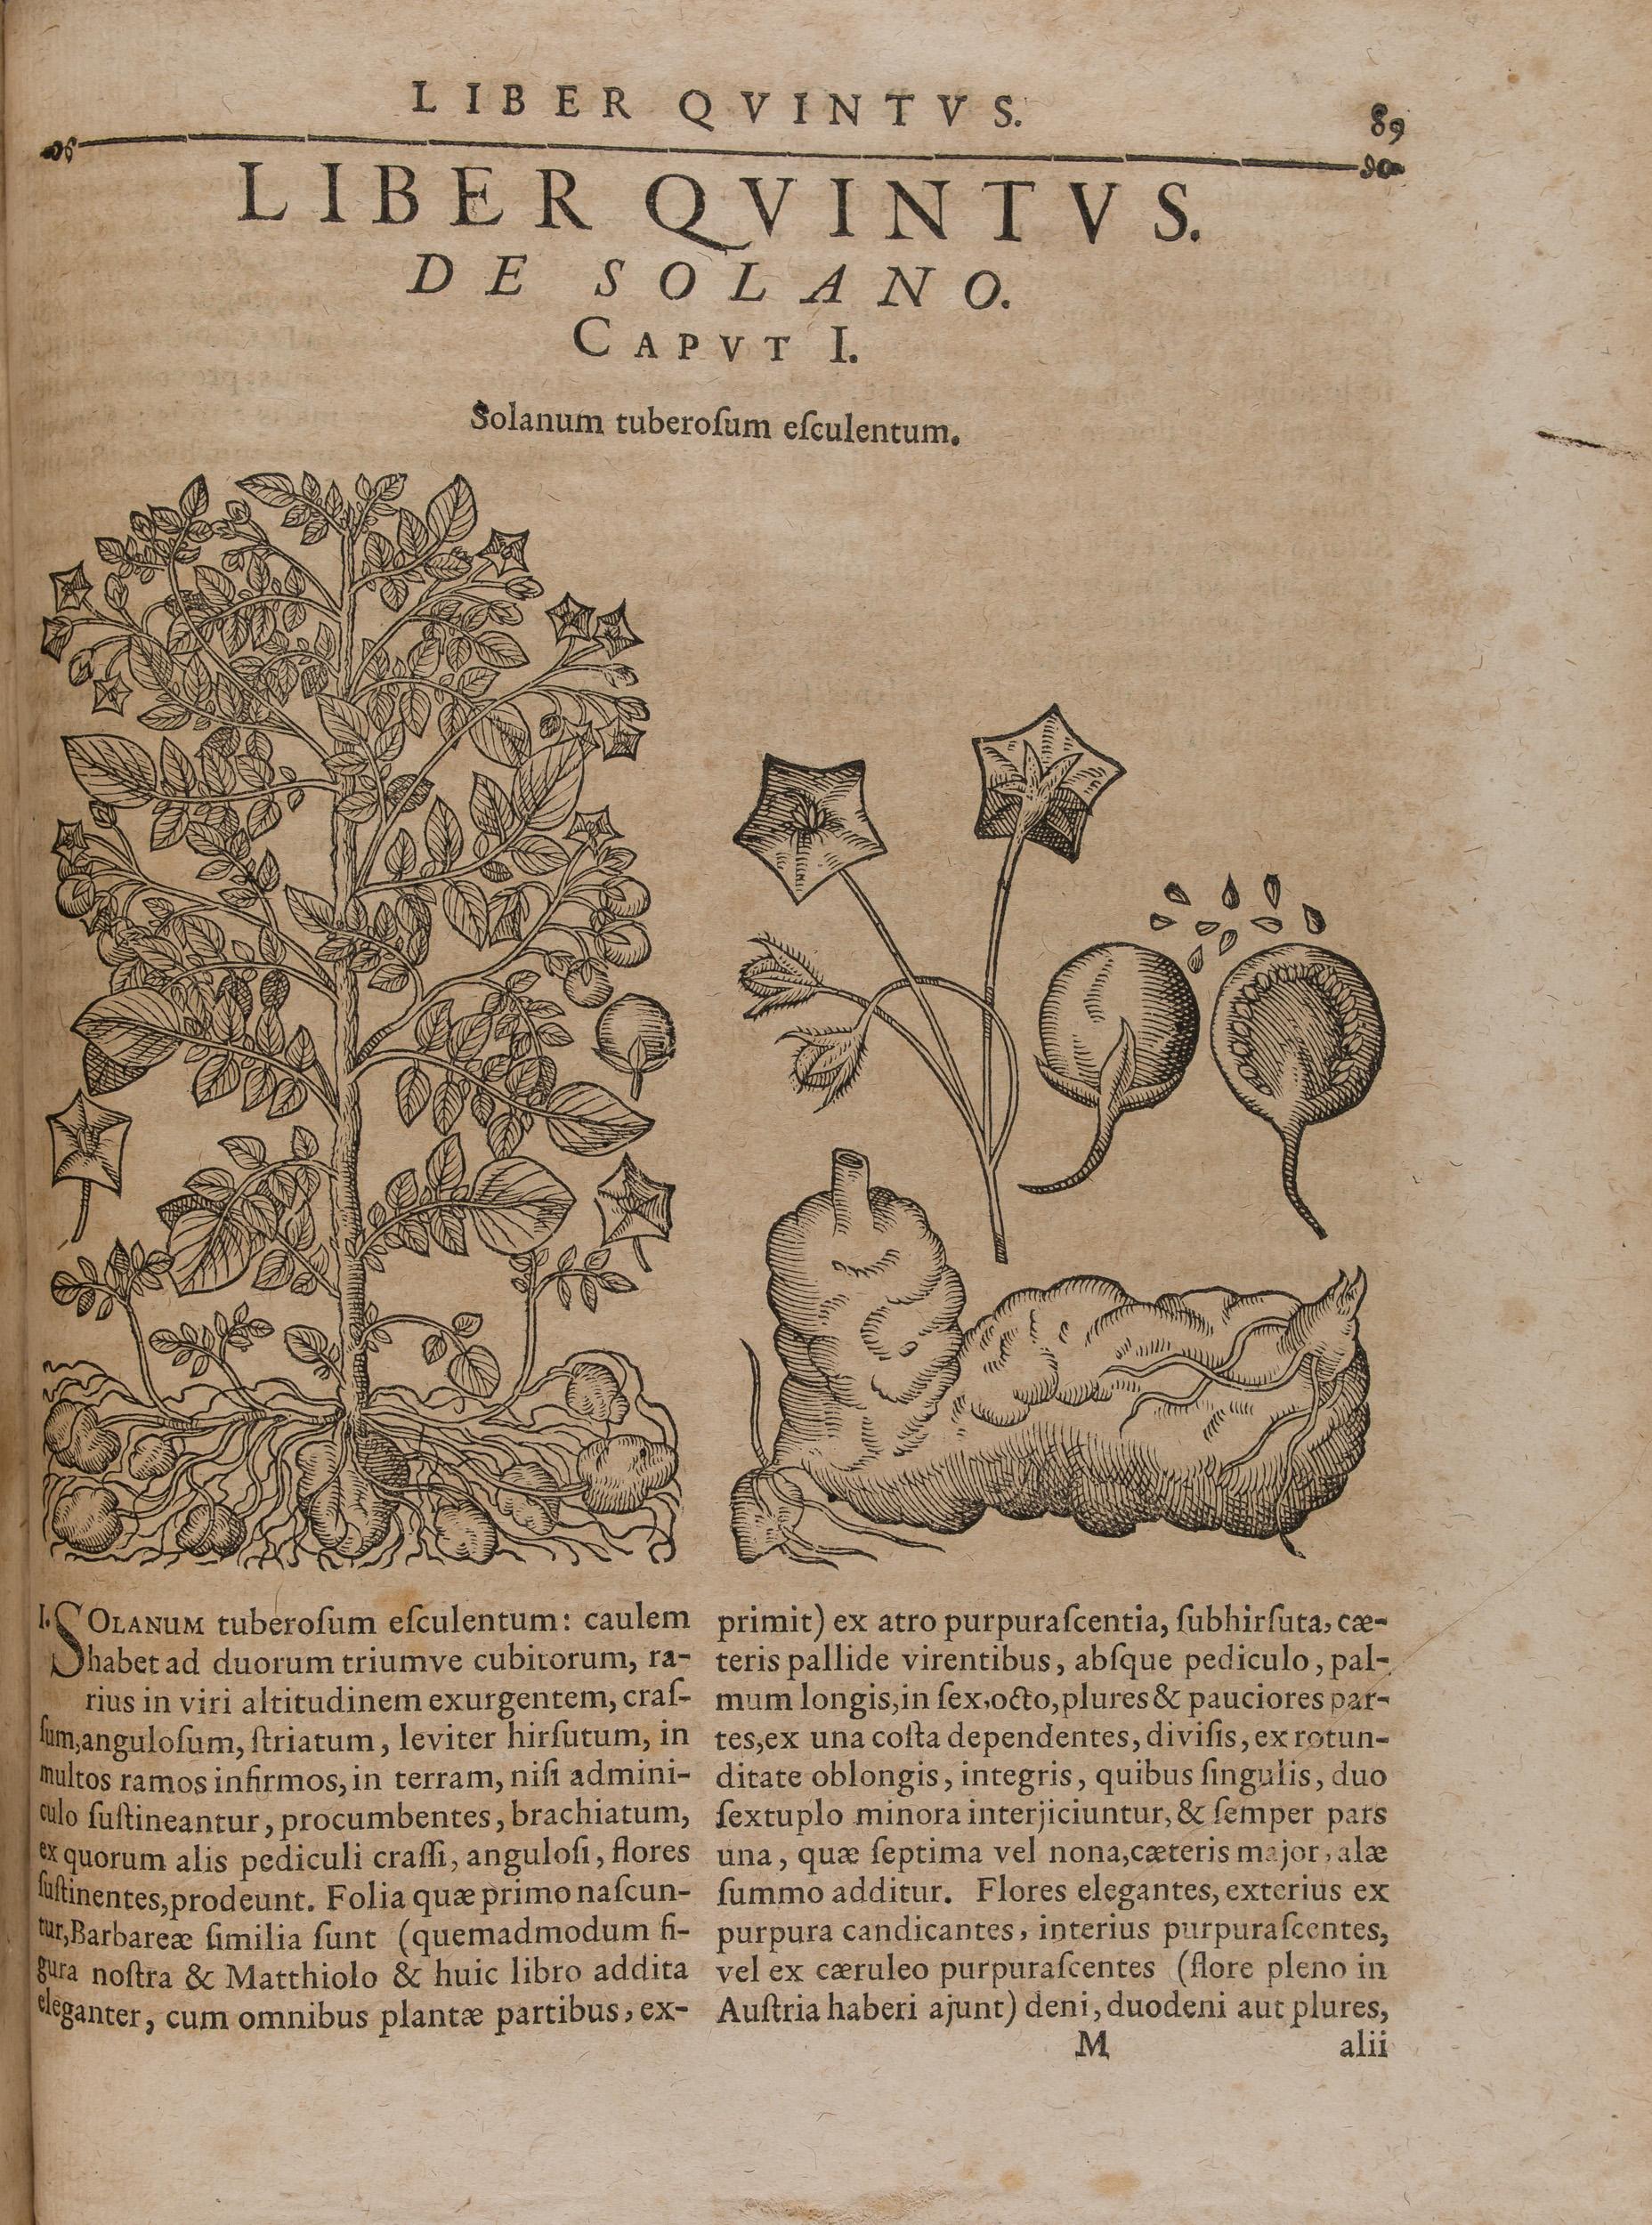 Le Solanum tuberosum dans l'ouvrage de Bauhini, 1671 (154 755)